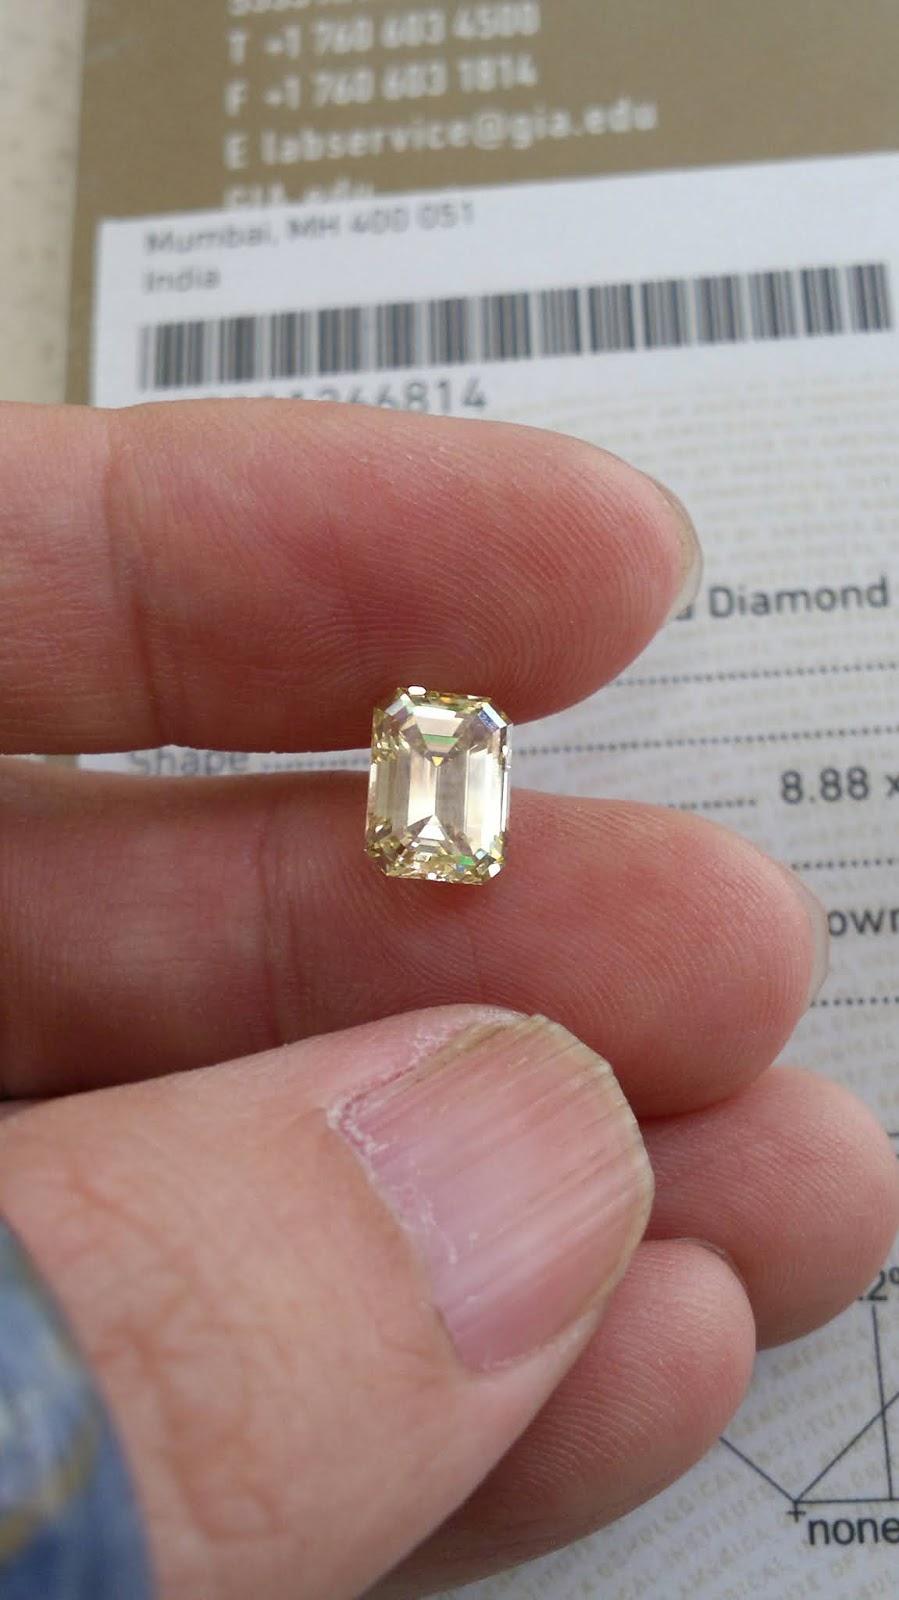 Kim Cương tự nhiên màu vàng, đã kiểm định GIA 5212205083